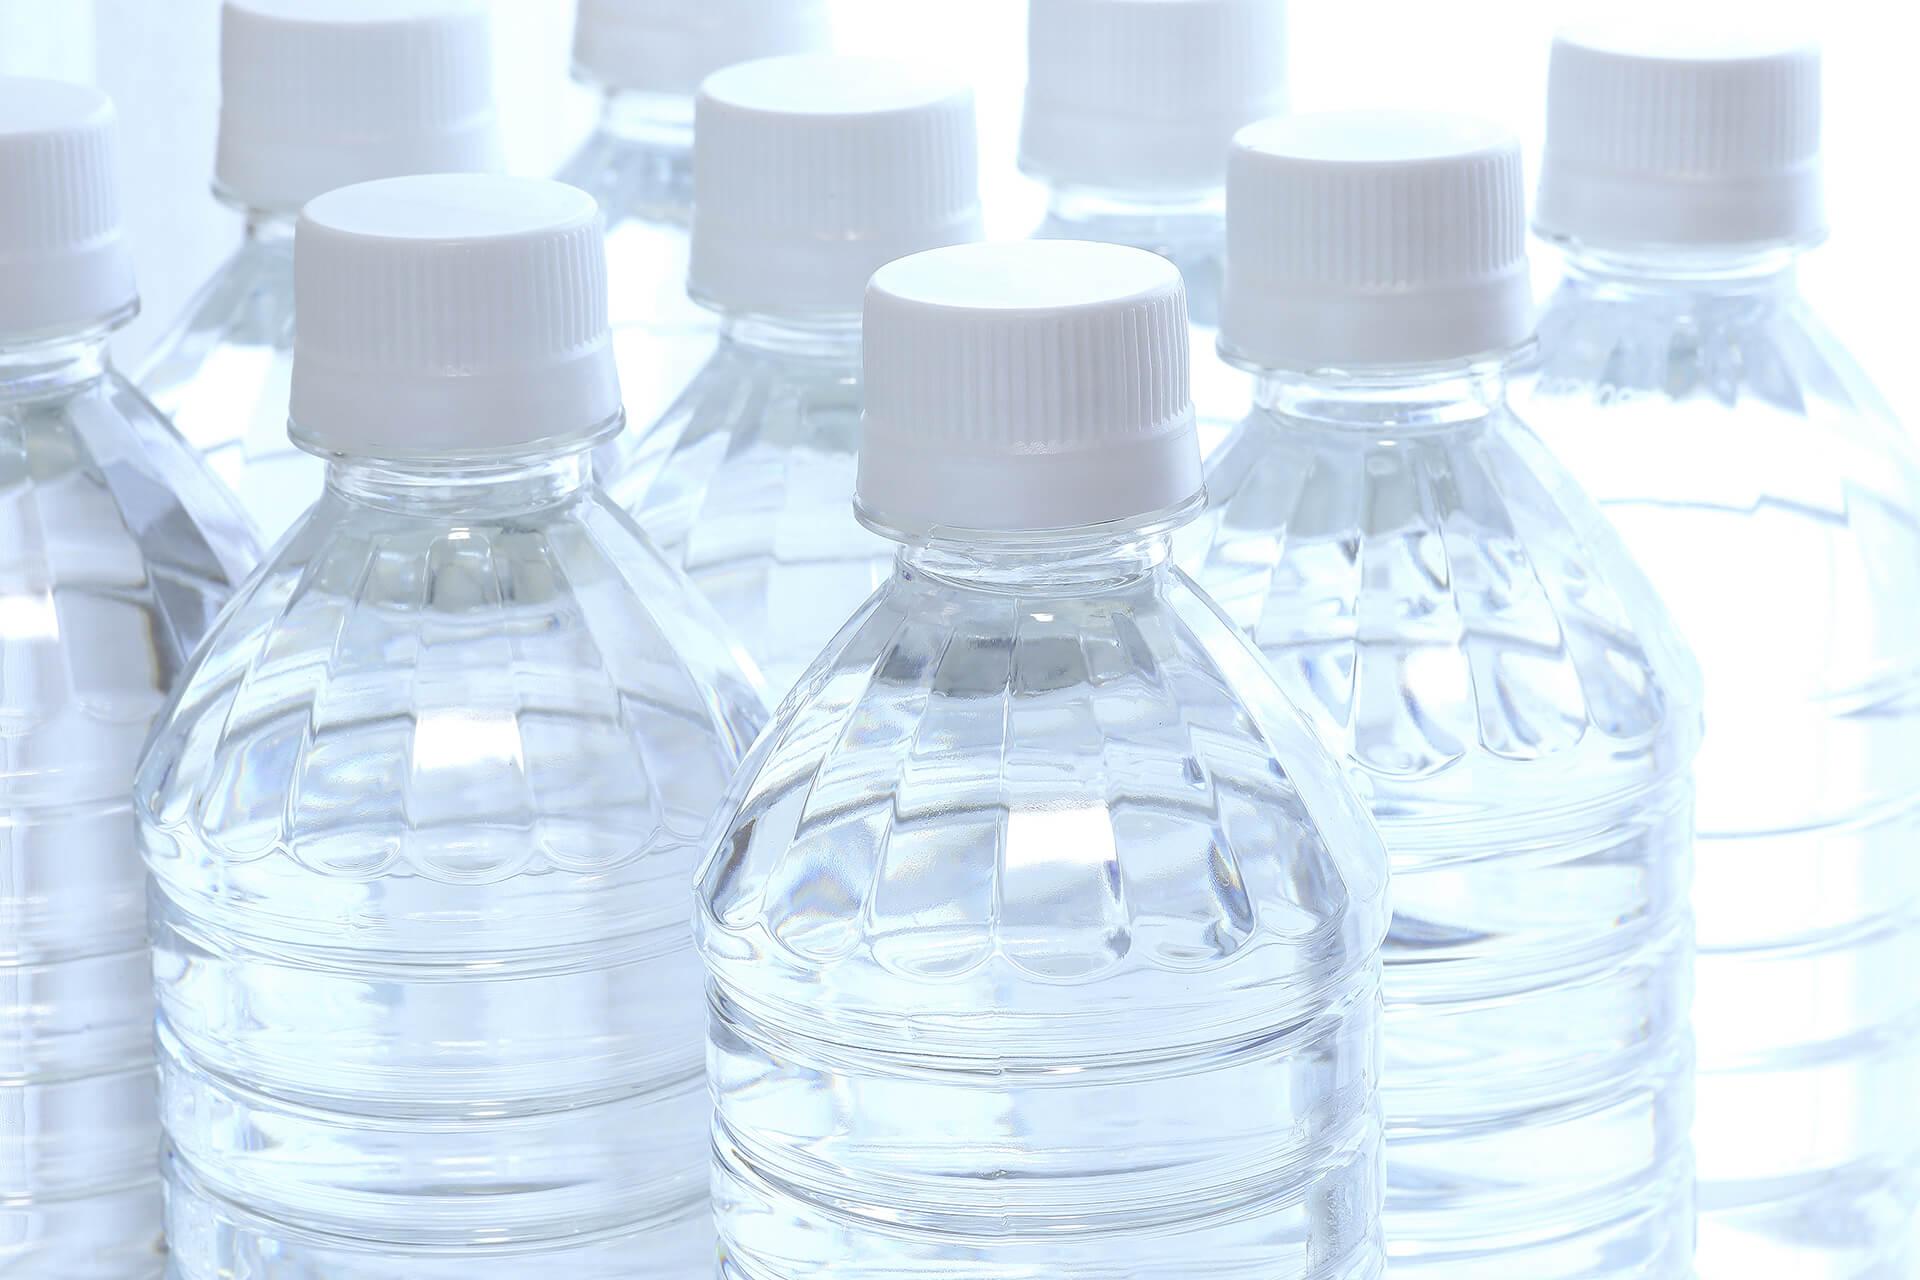 飲料水(缶・瓶・ペットボトル等)を均一の温度に保ちたい